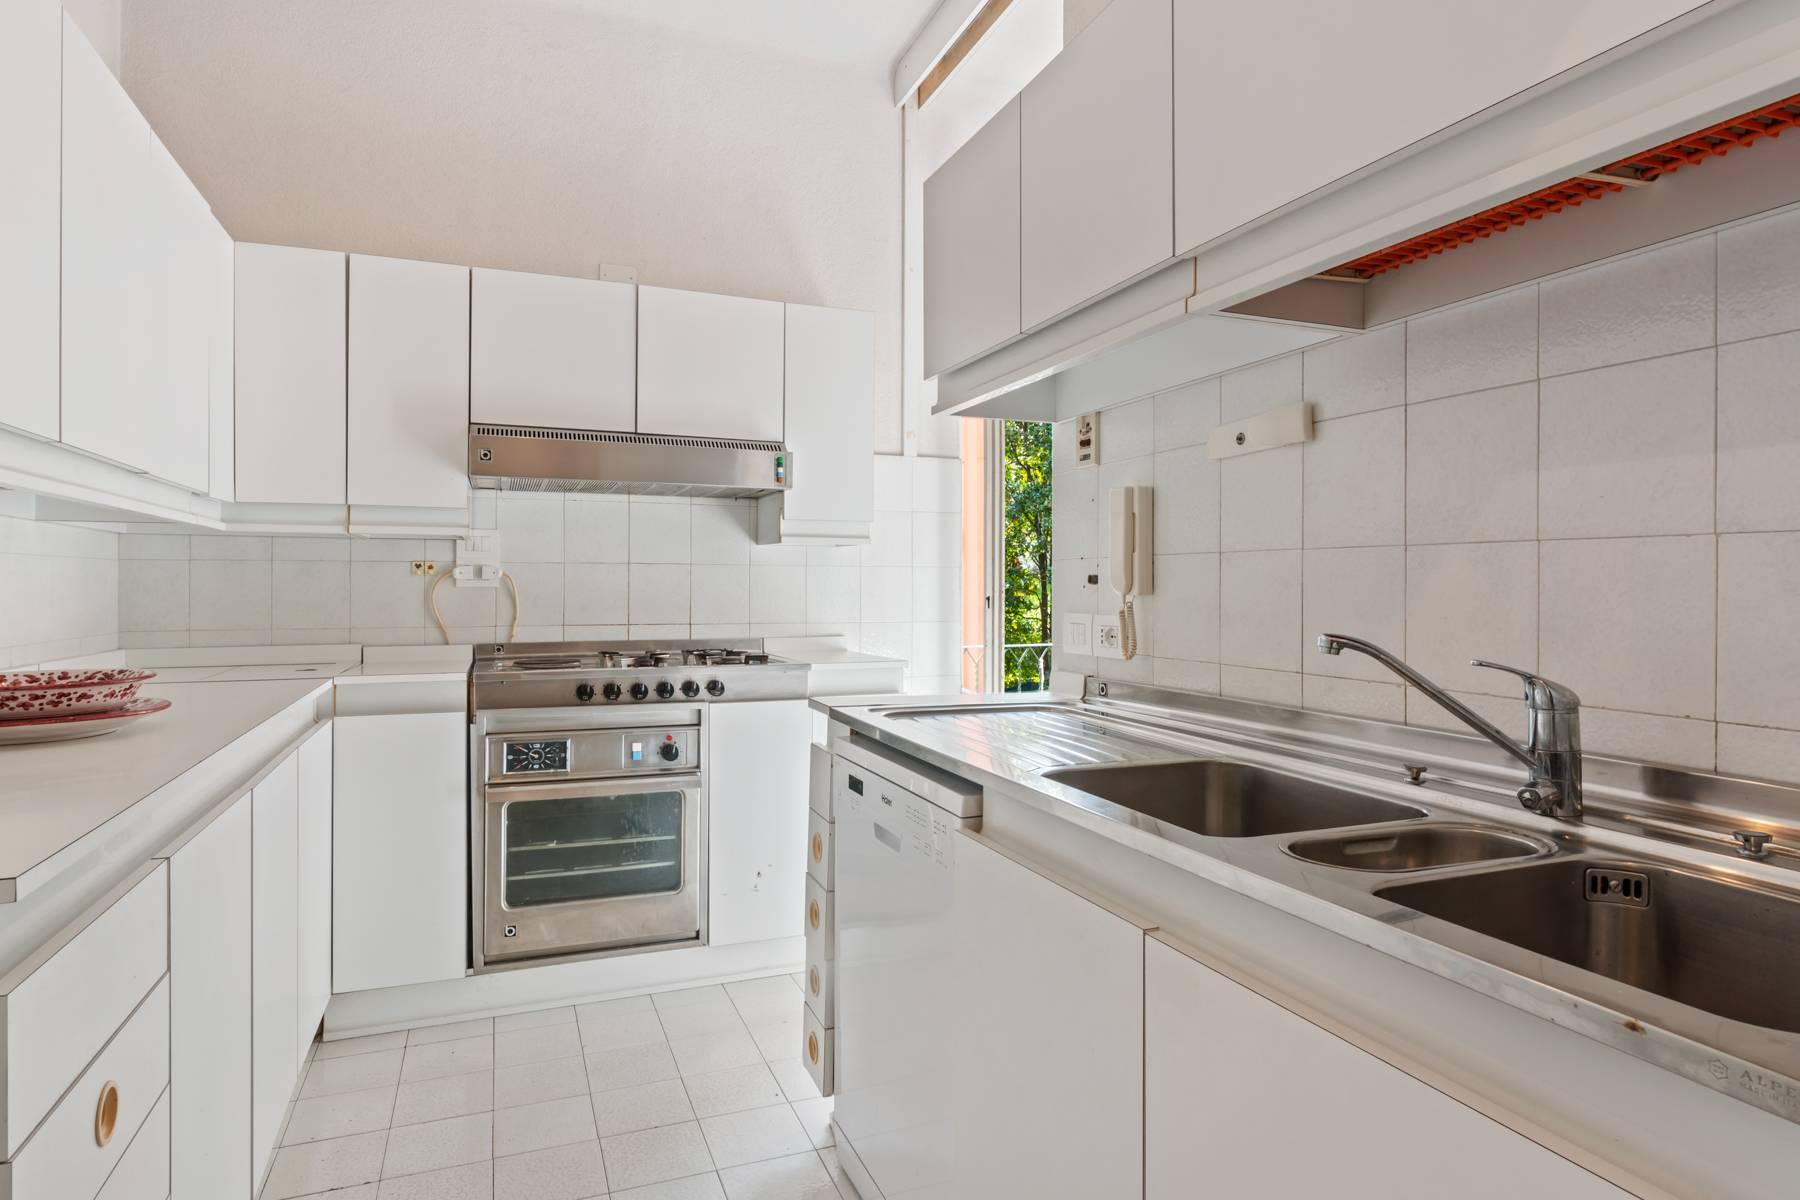 Appartamento in Vendita a Santa Margherita Ligure: 5 locali, 120 mq - Foto 9